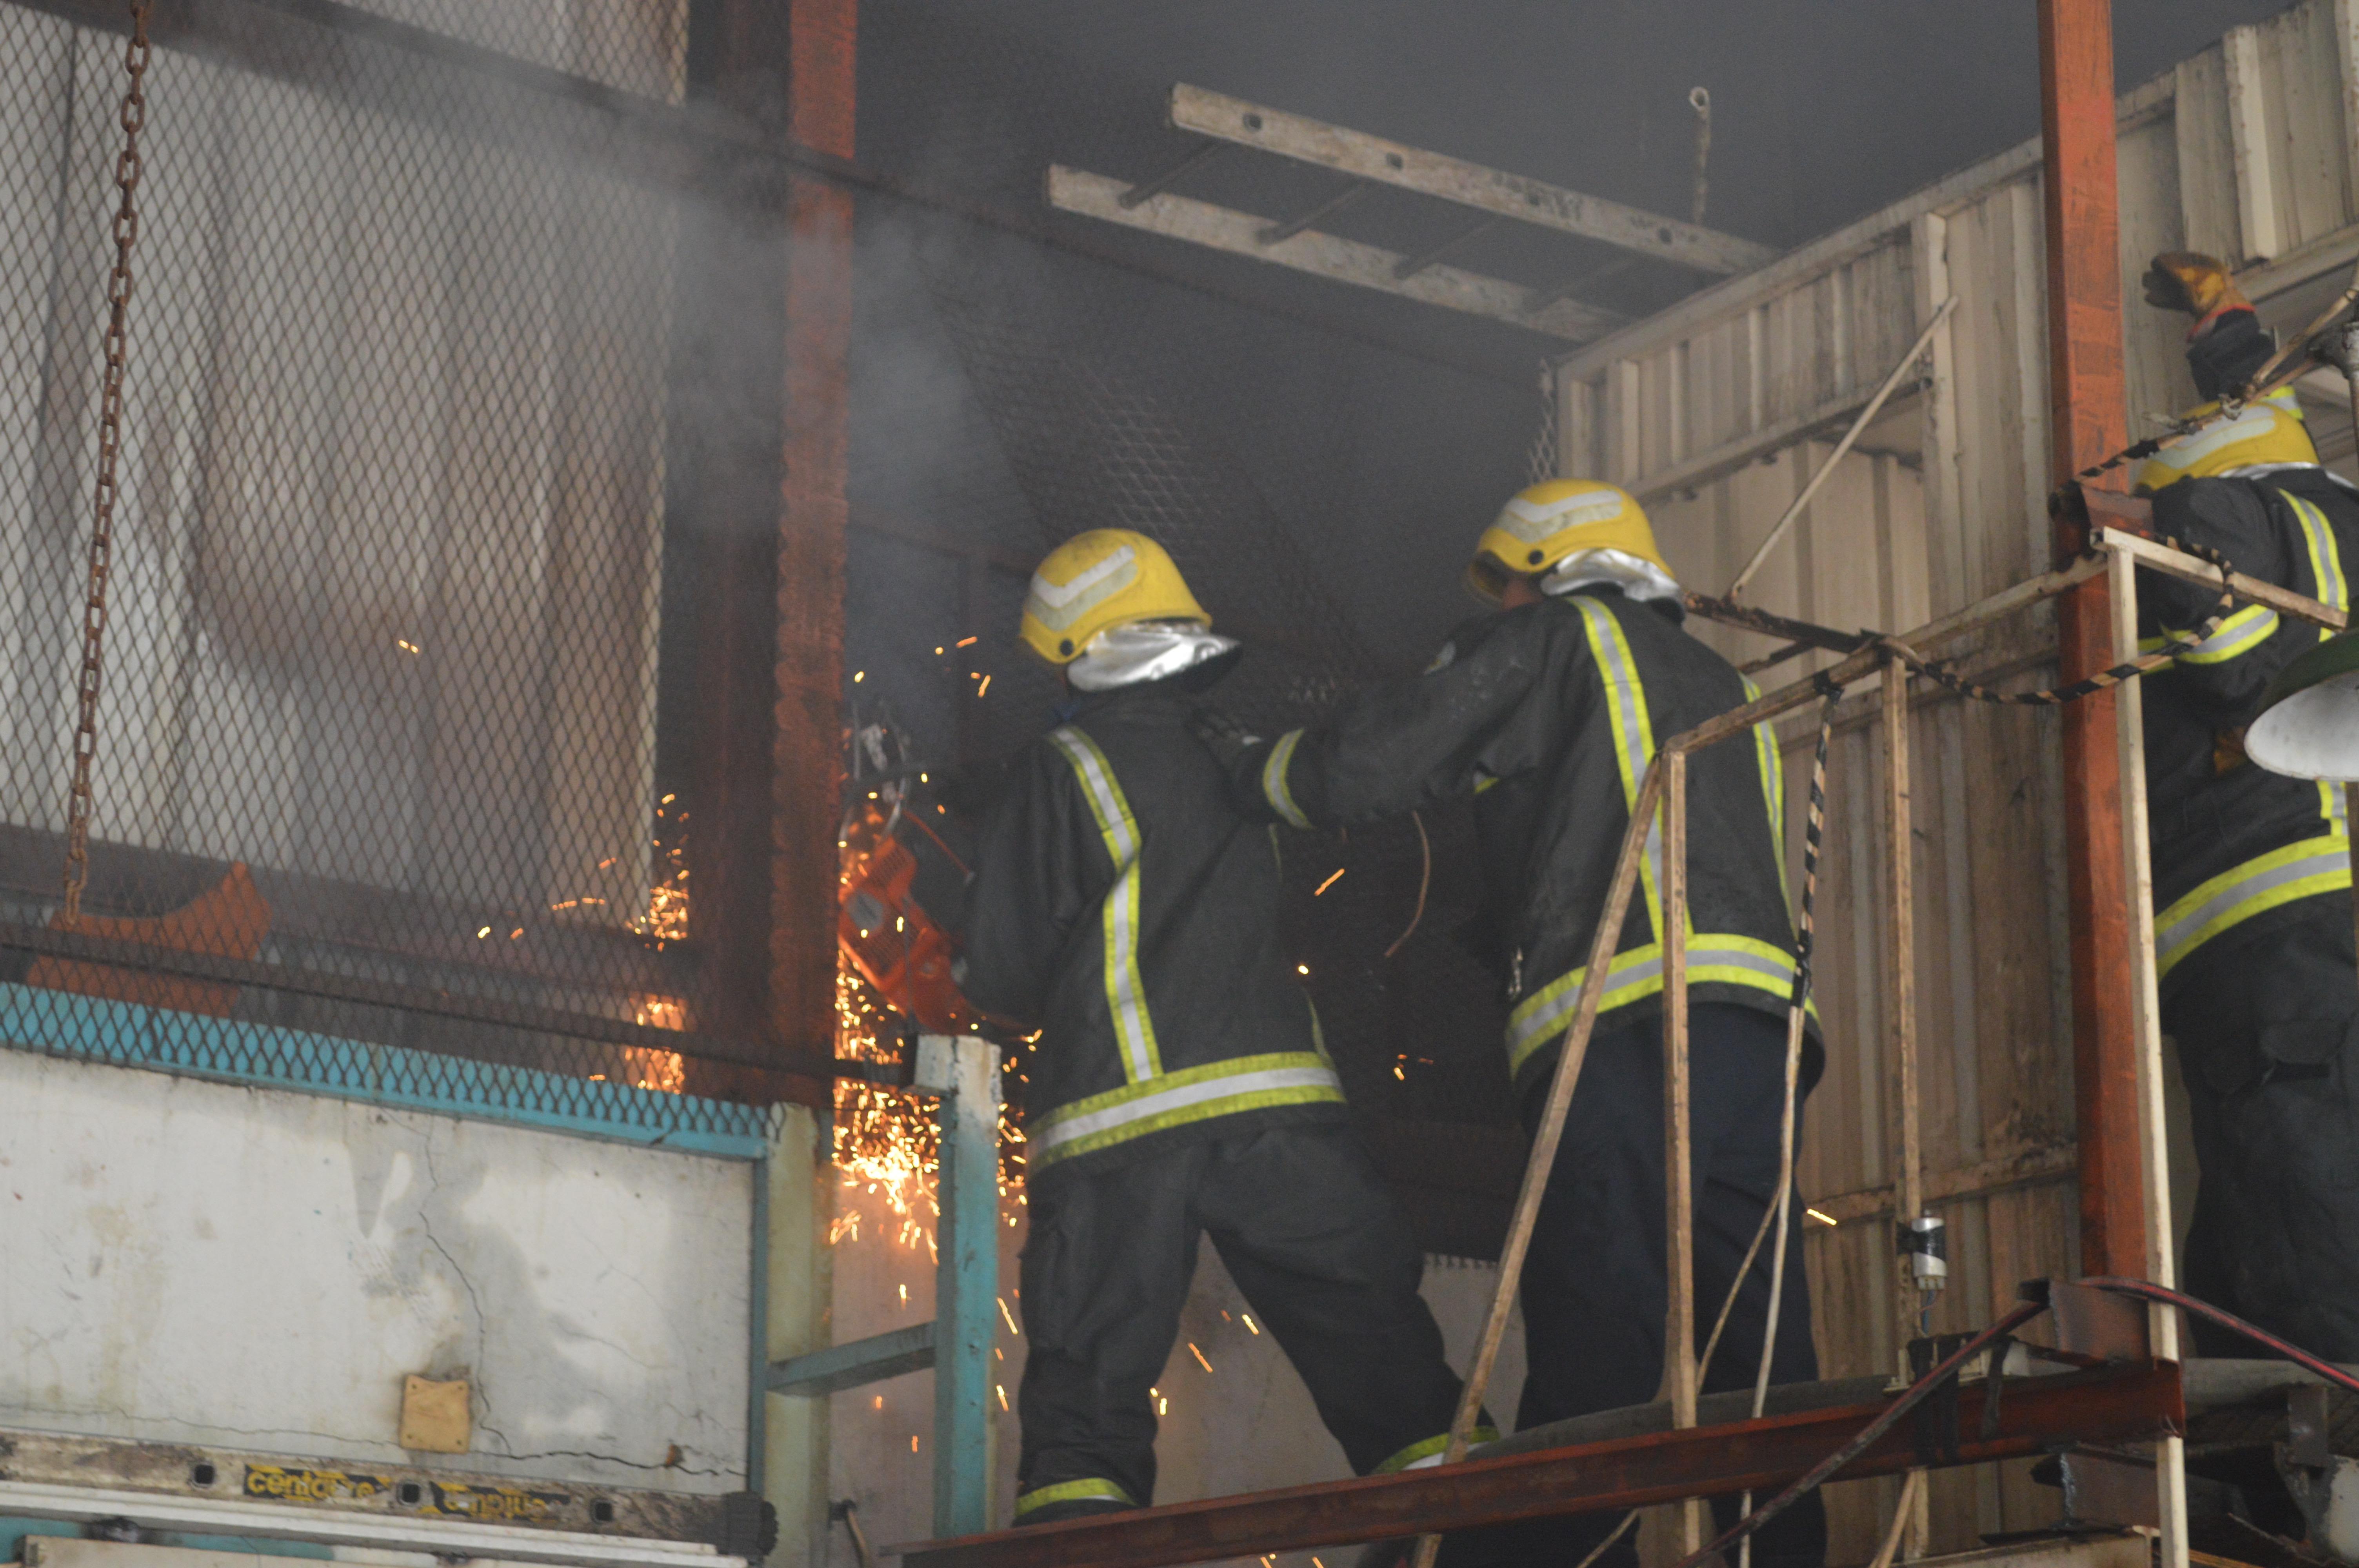 حريق مستودع لقطع غيار السيارات بالمنطقة الصناعية بجدة (1)